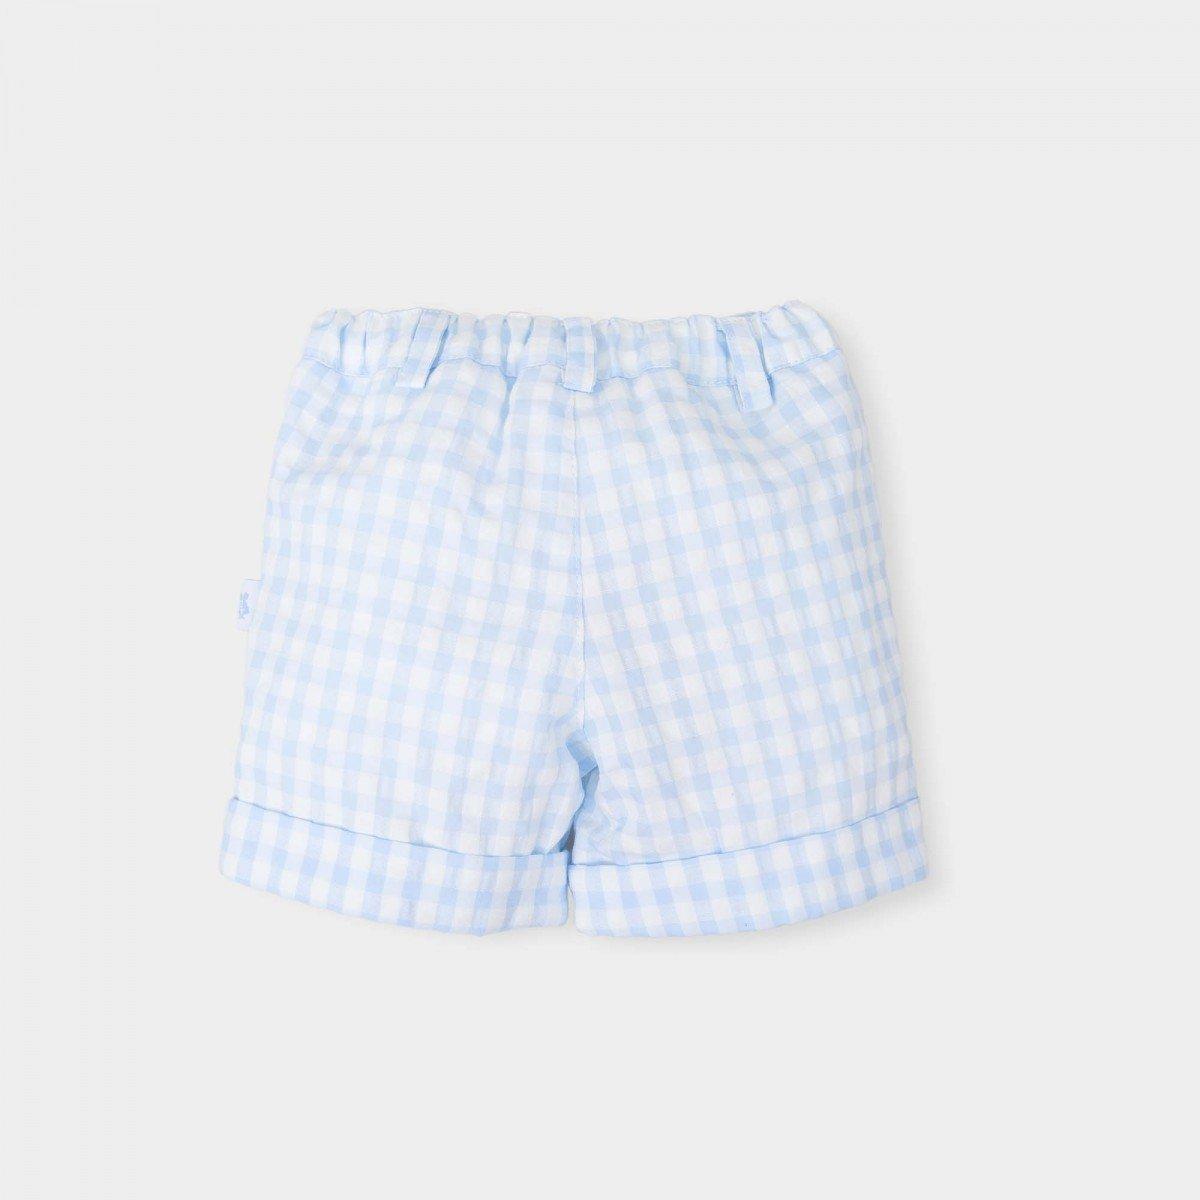 jongen-short-lichtblauw-geruit